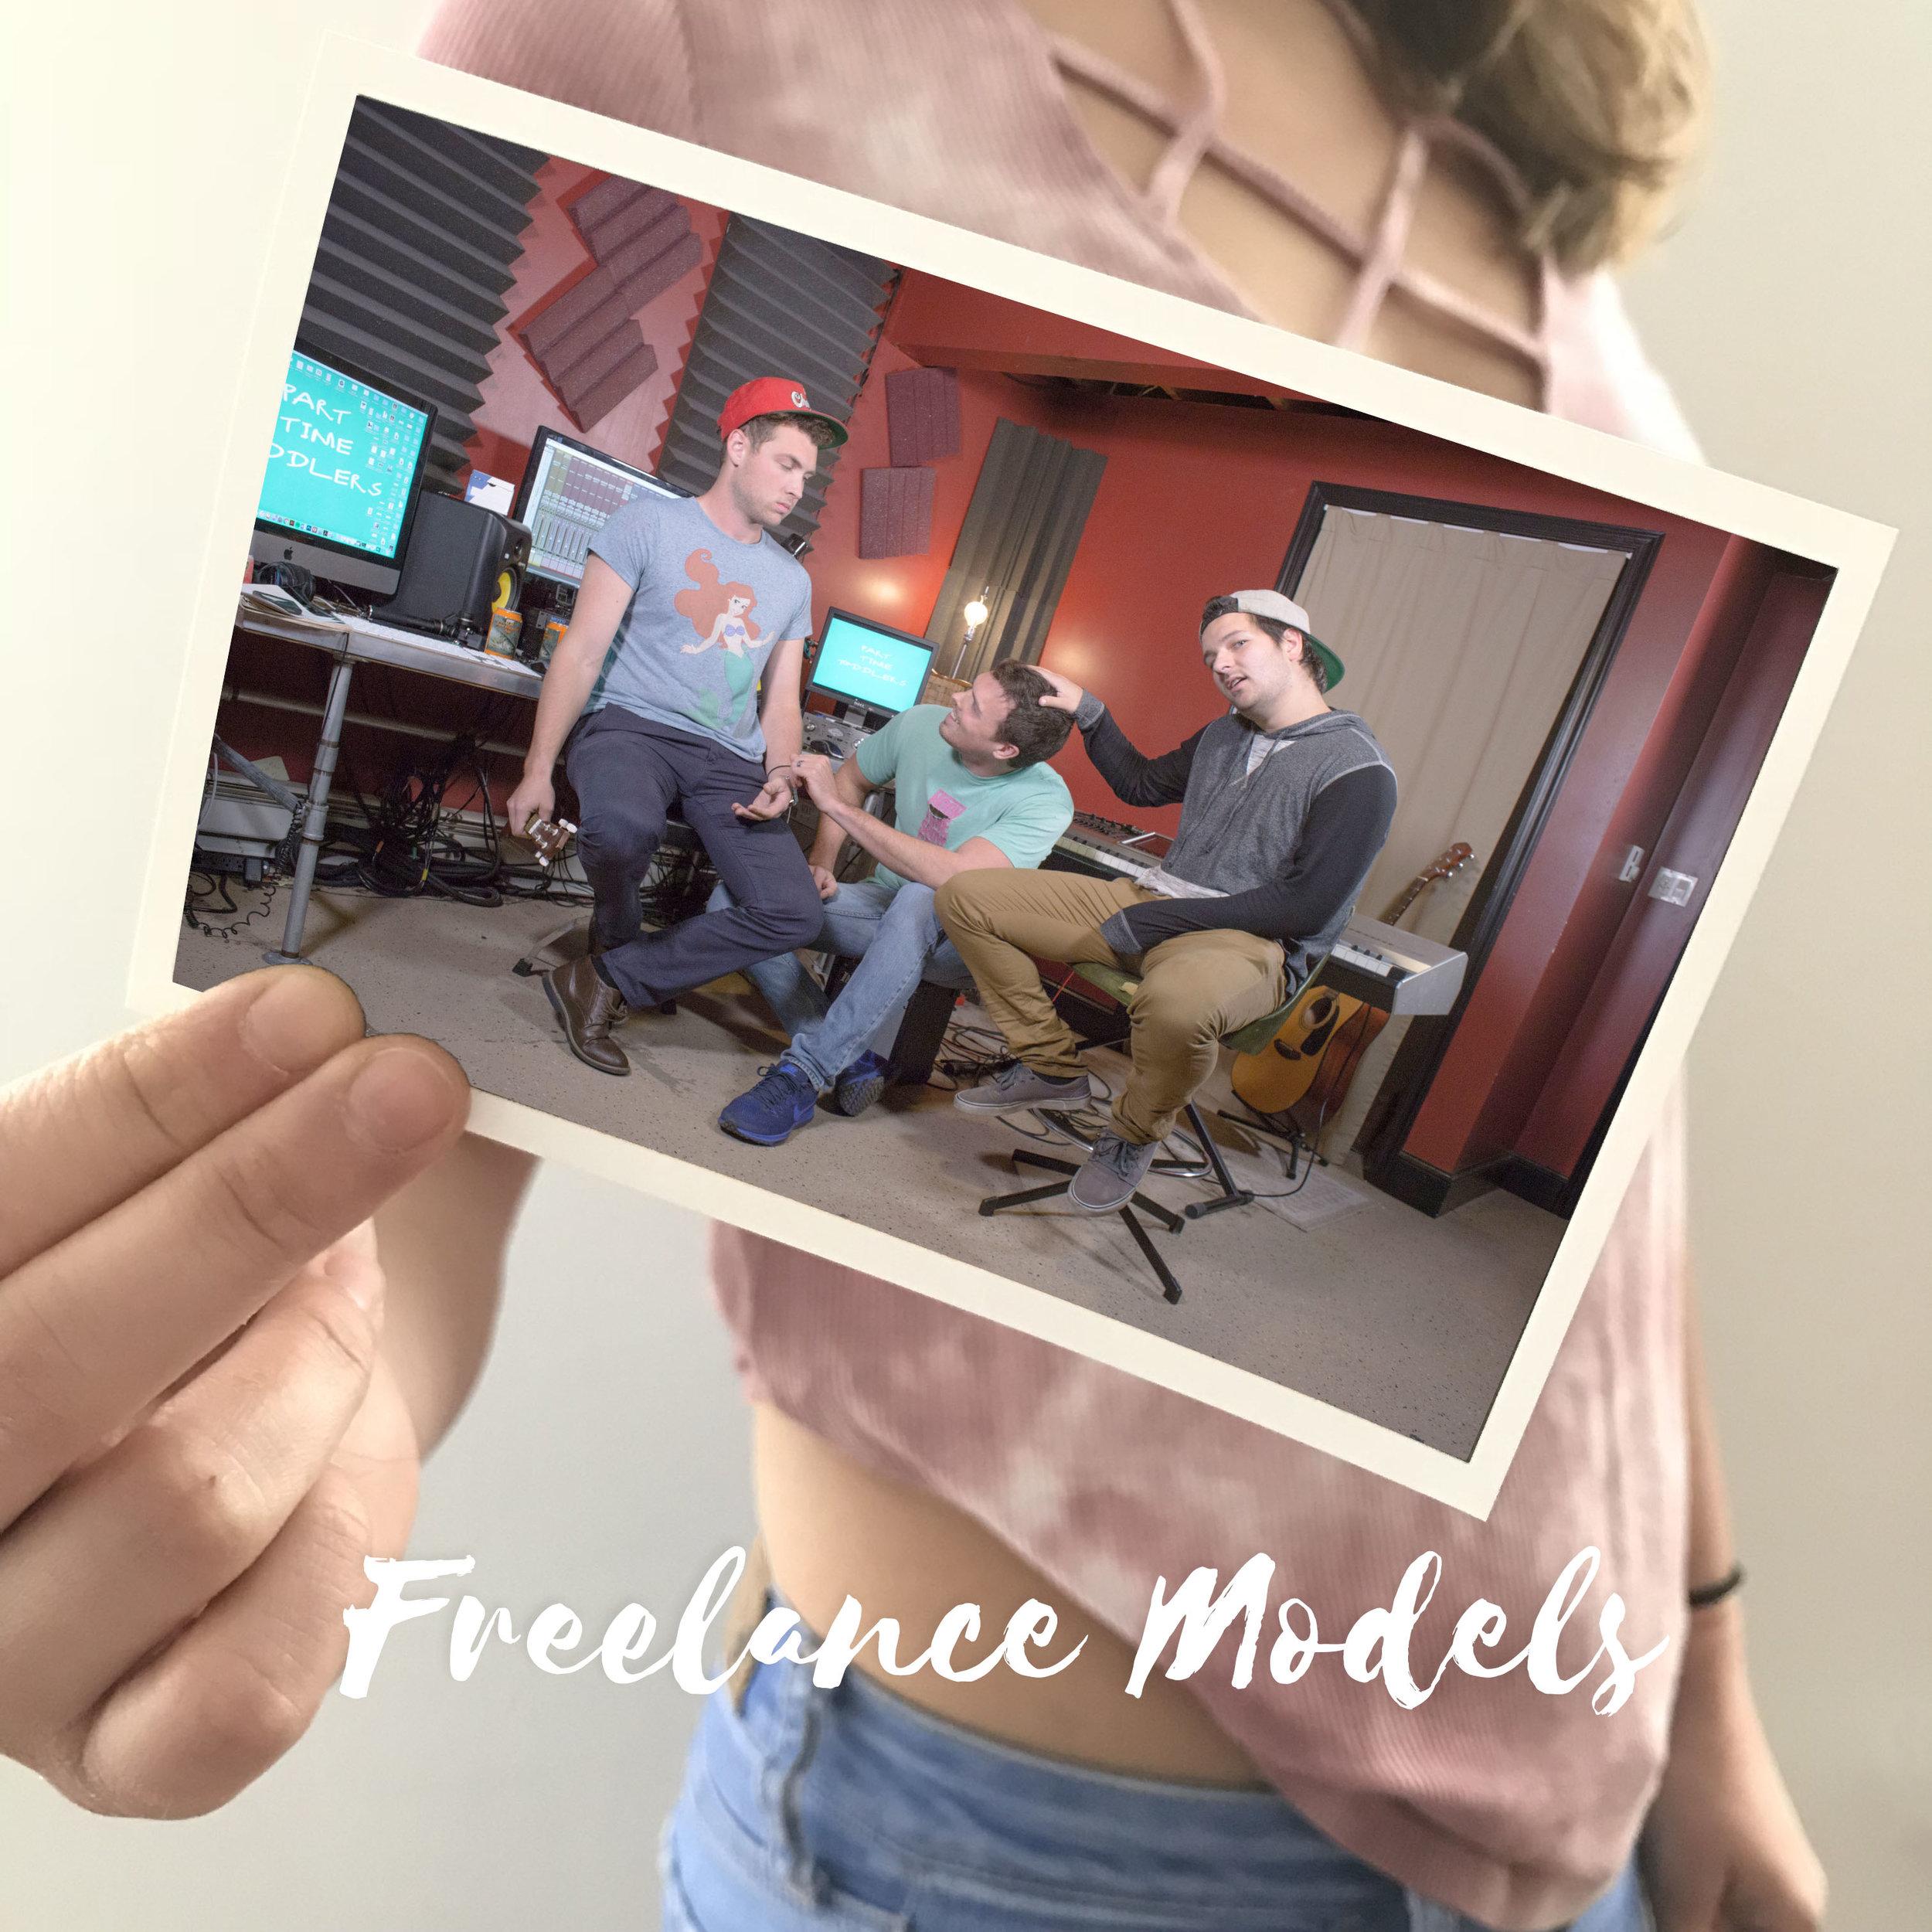 freelance Models cover.jpg